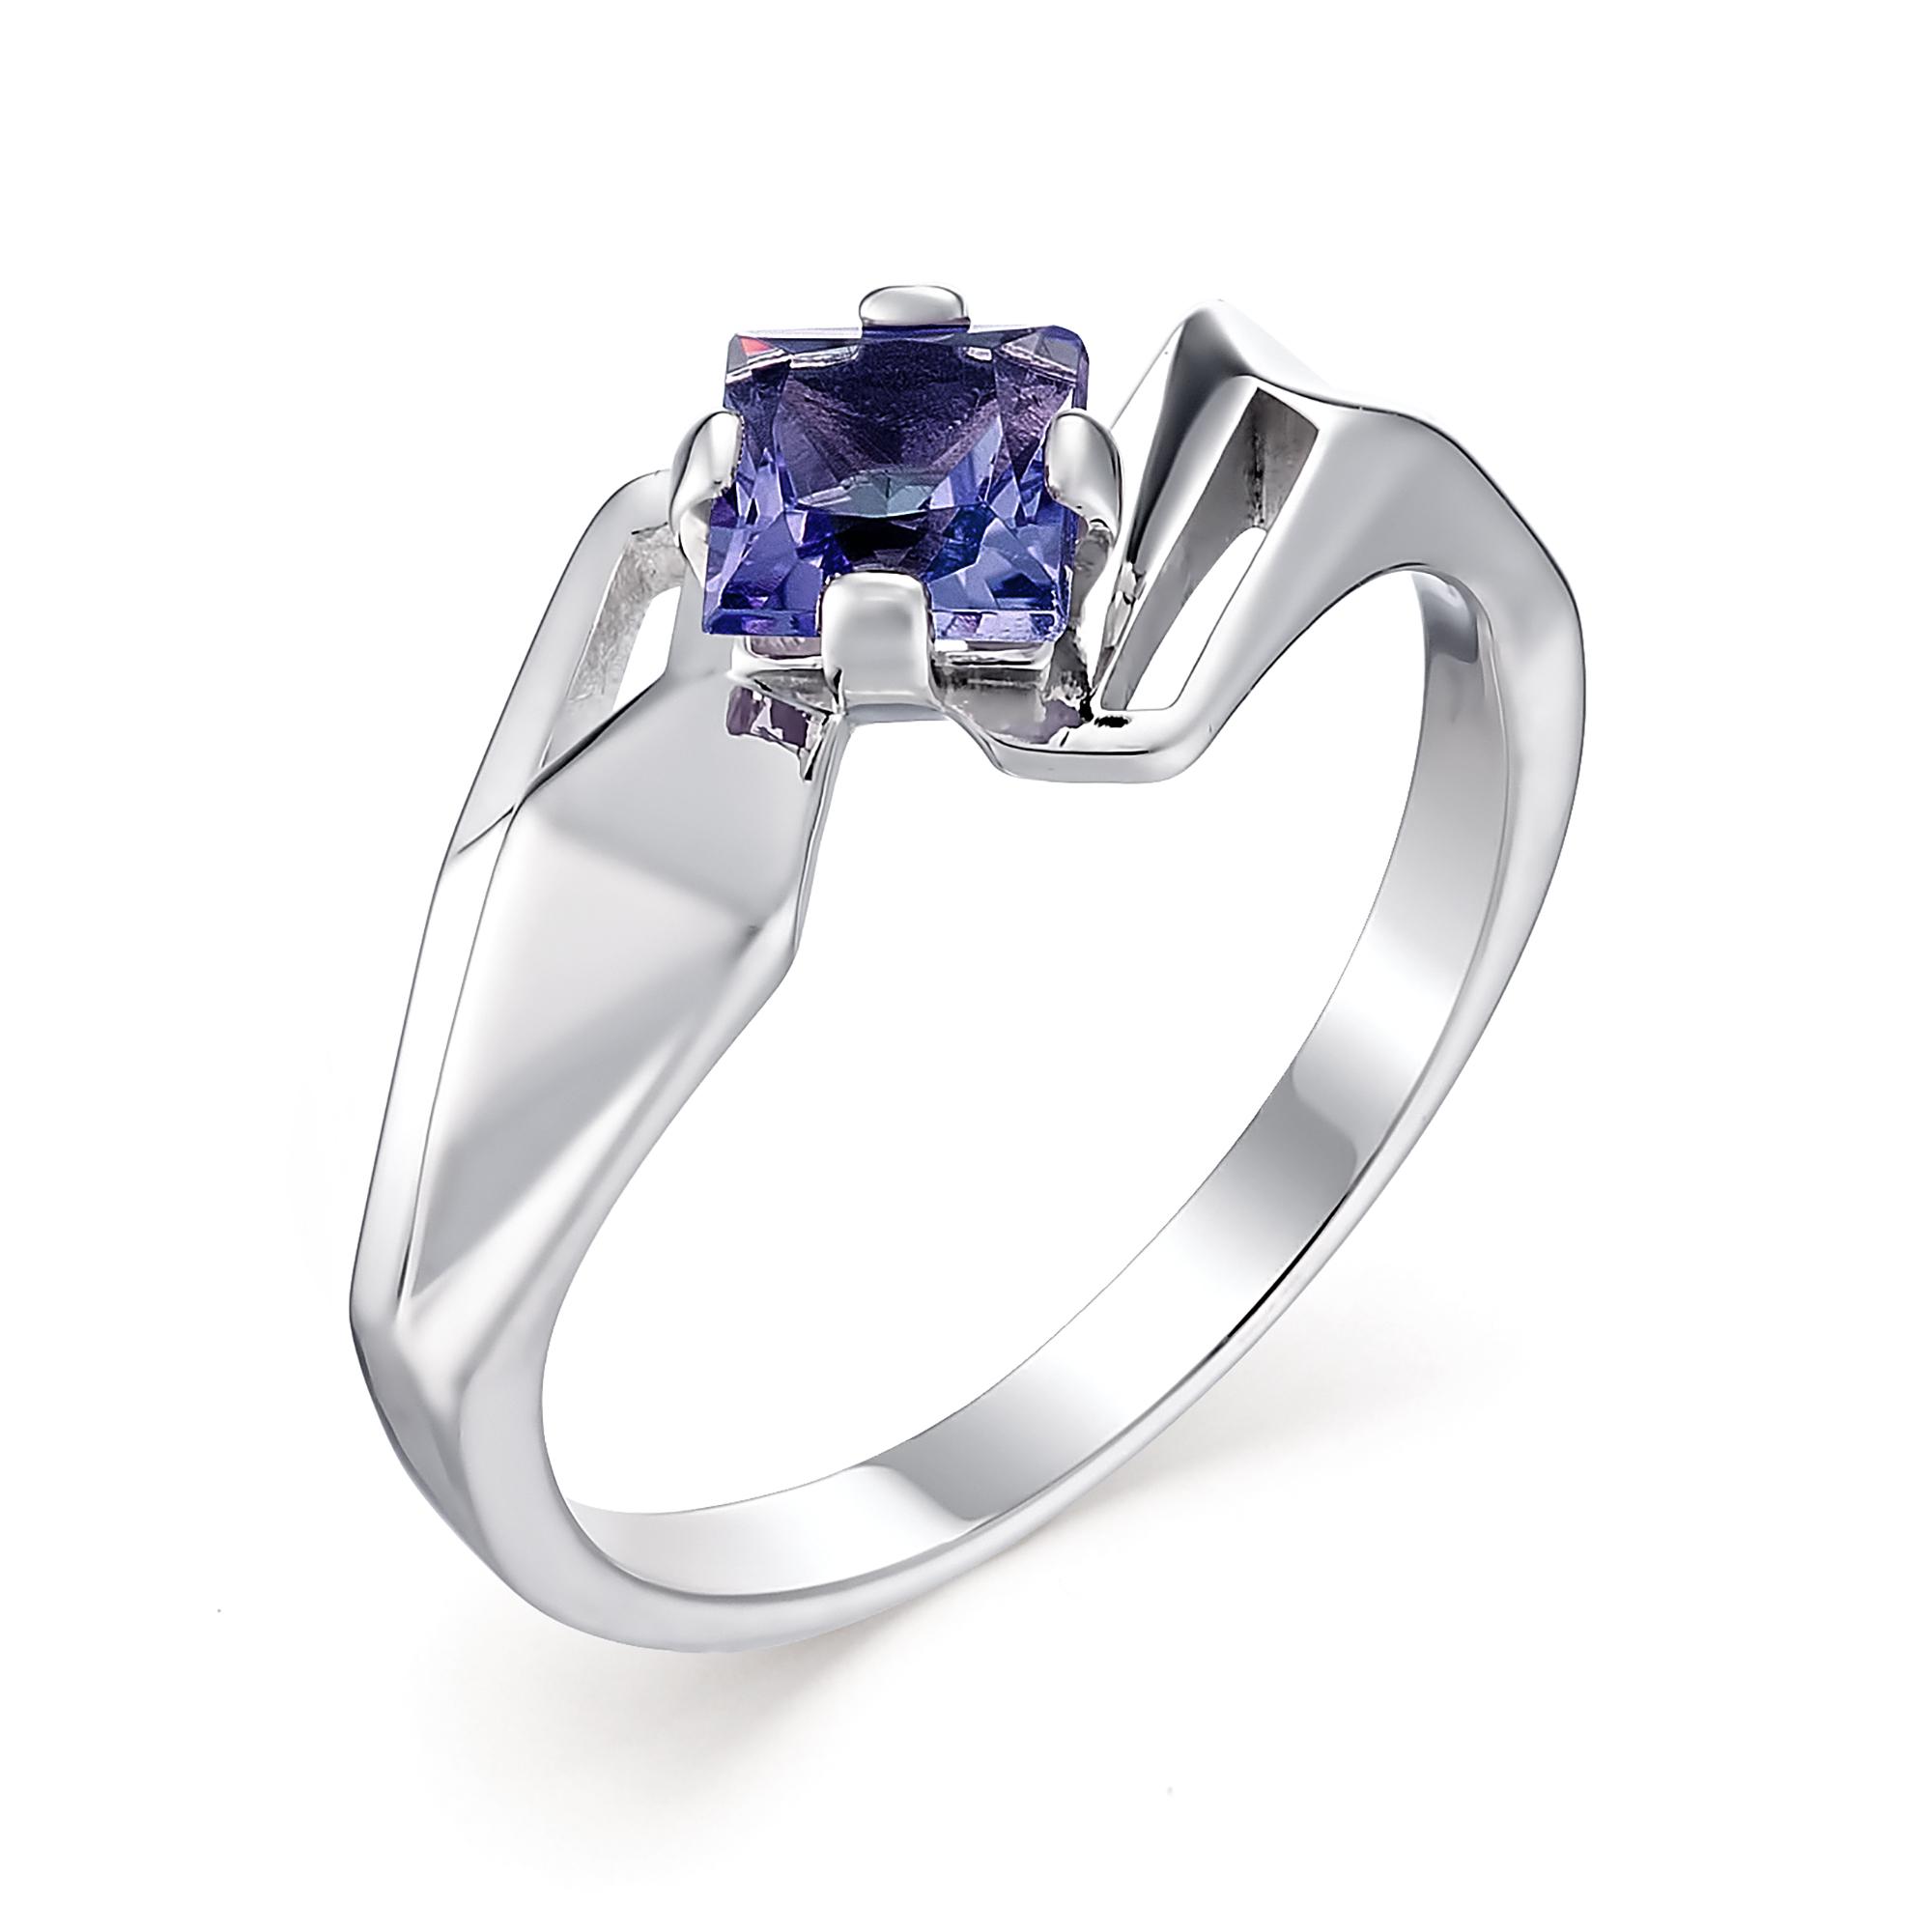 Серебряное кольцо Сапфир арт. 01-0577/0гтс-00 01-0577/0гтс-00